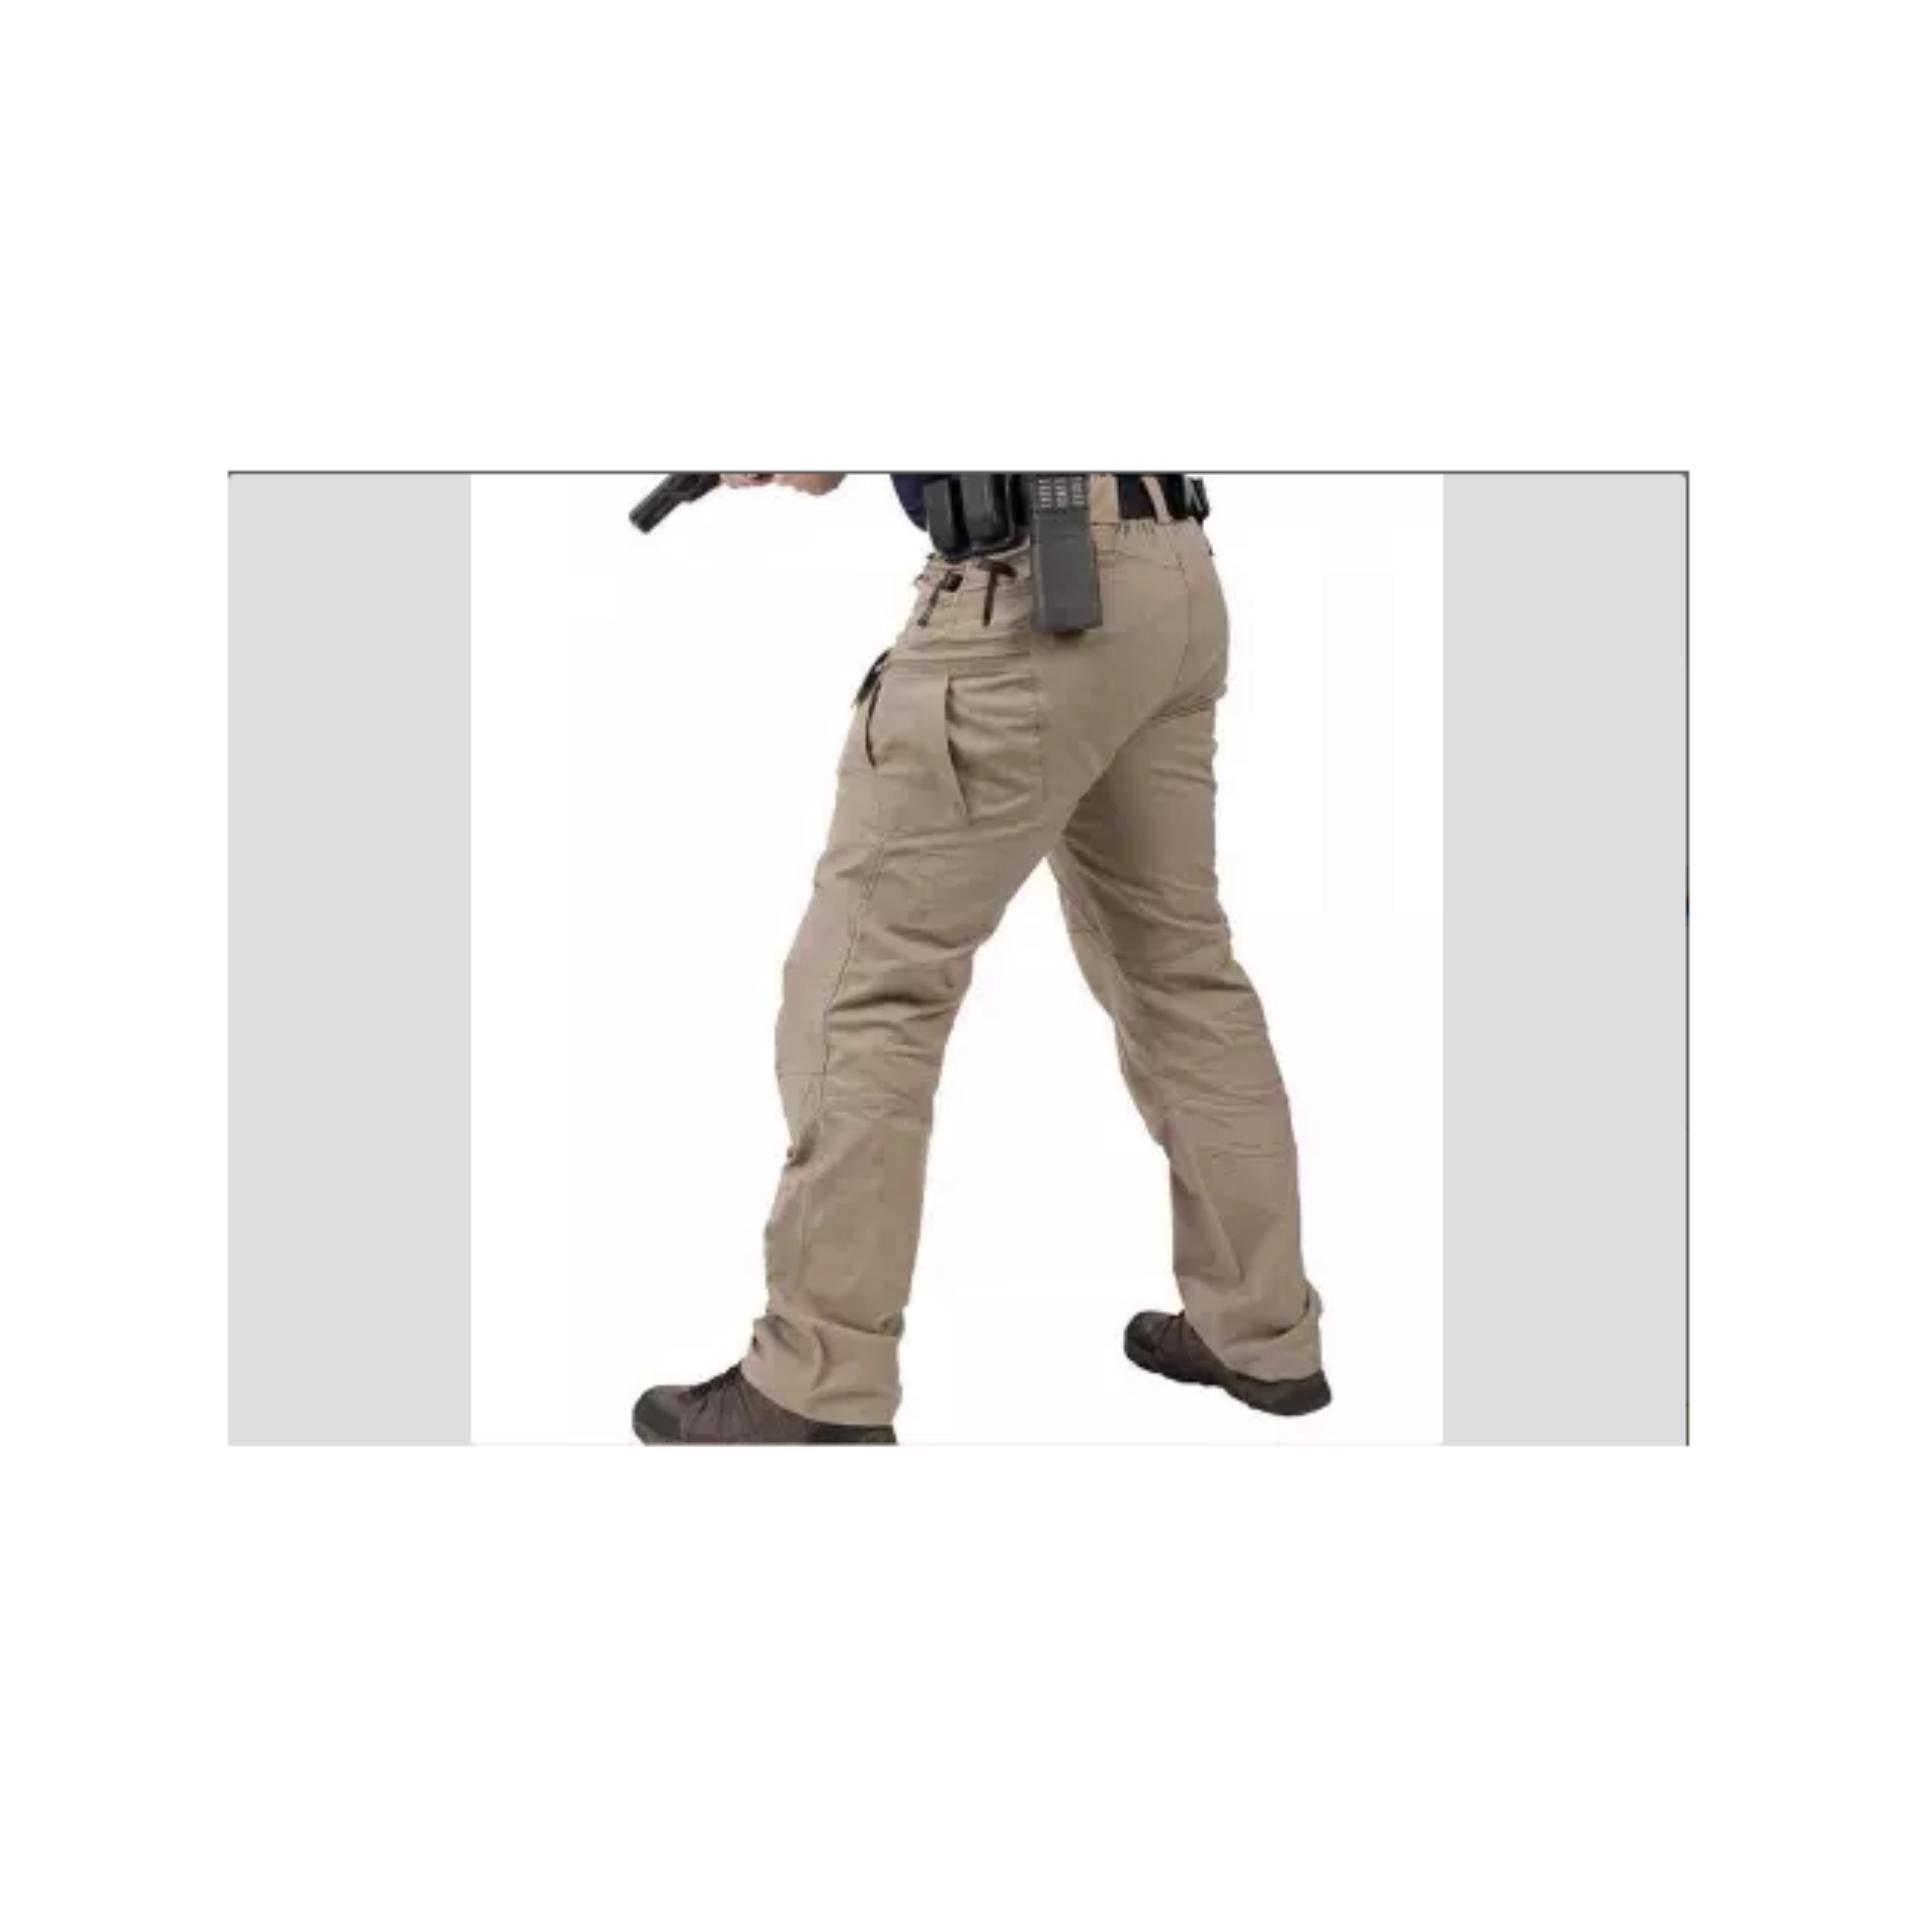 Harga Penawaran Super Murah Celana Blackhawk Tactical Outdoor Hunting Armypolice Pants Airsoft